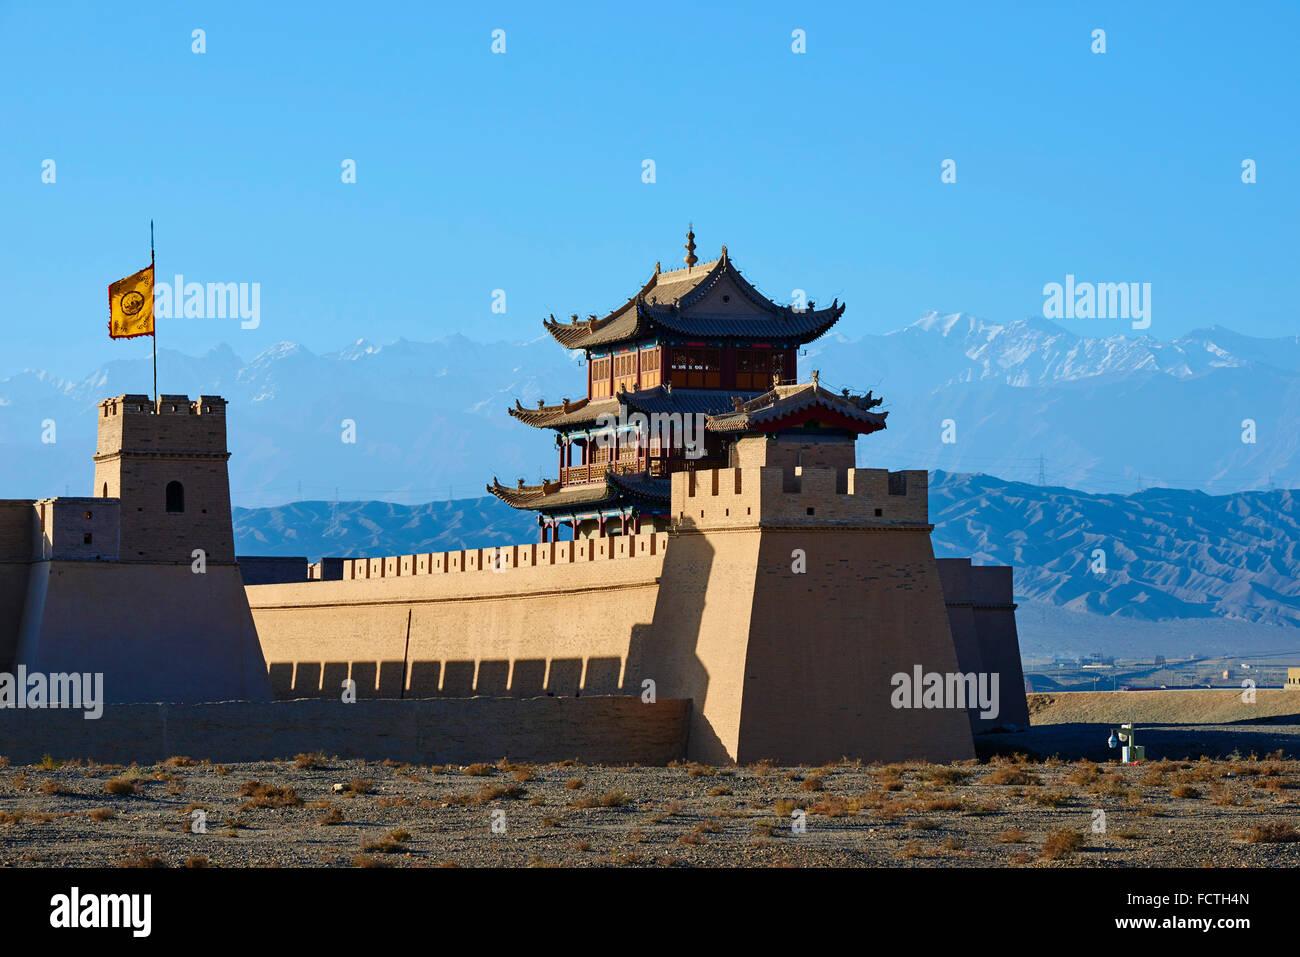 Cina, provincia di Gansu, Jiayuguan, la rocca all'estremità occidentale della Grande Muraglia, Patrimonio Immagini Stock